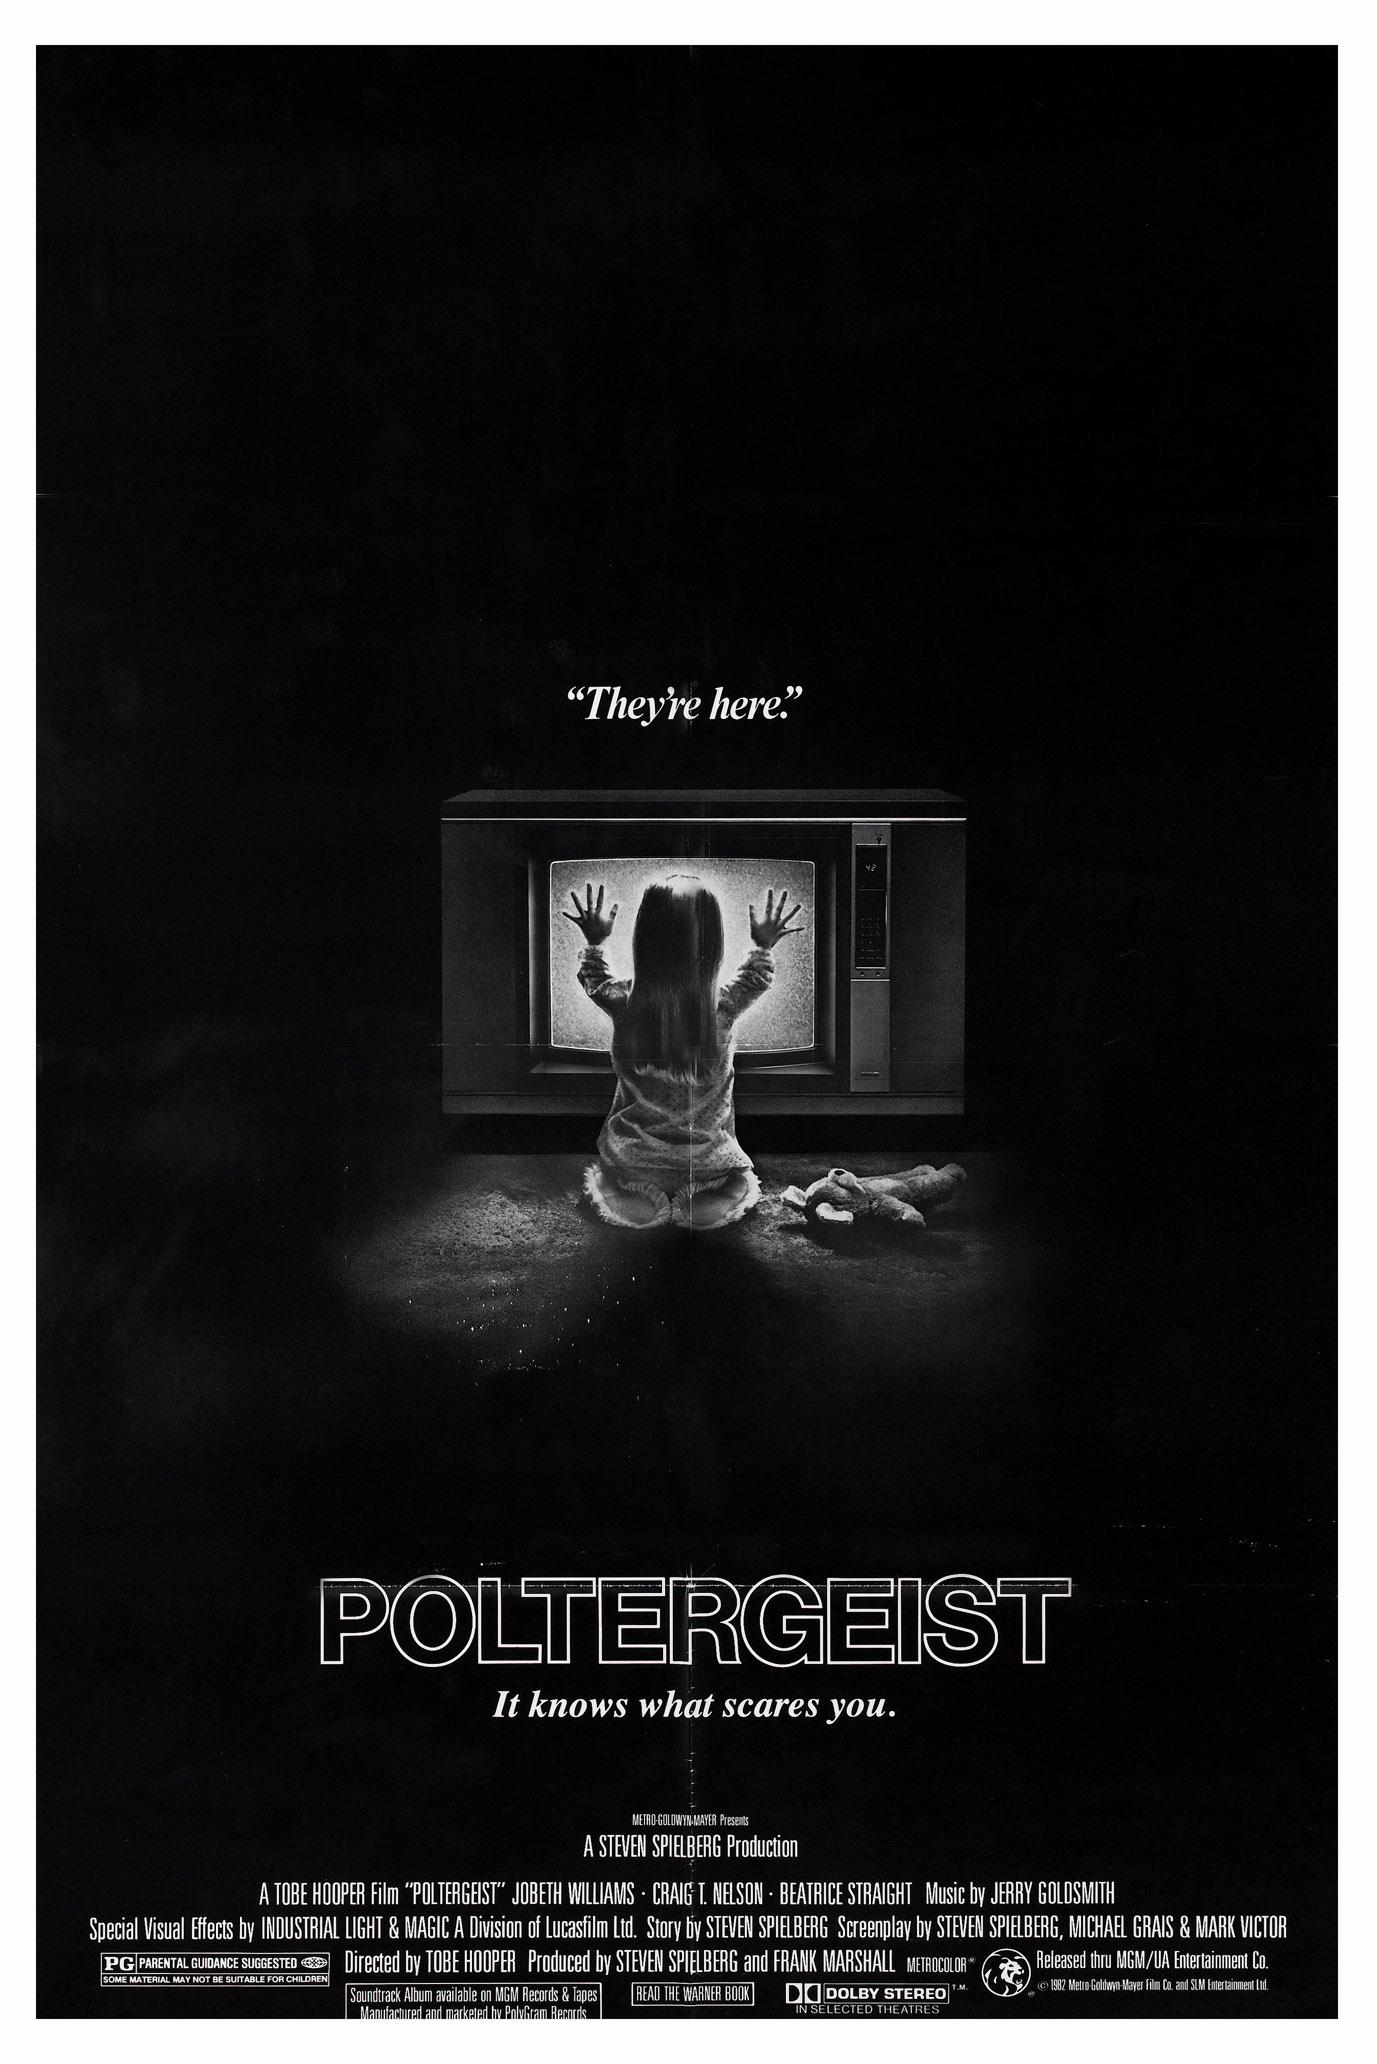 poltergeist_poster_1982_01.jpg